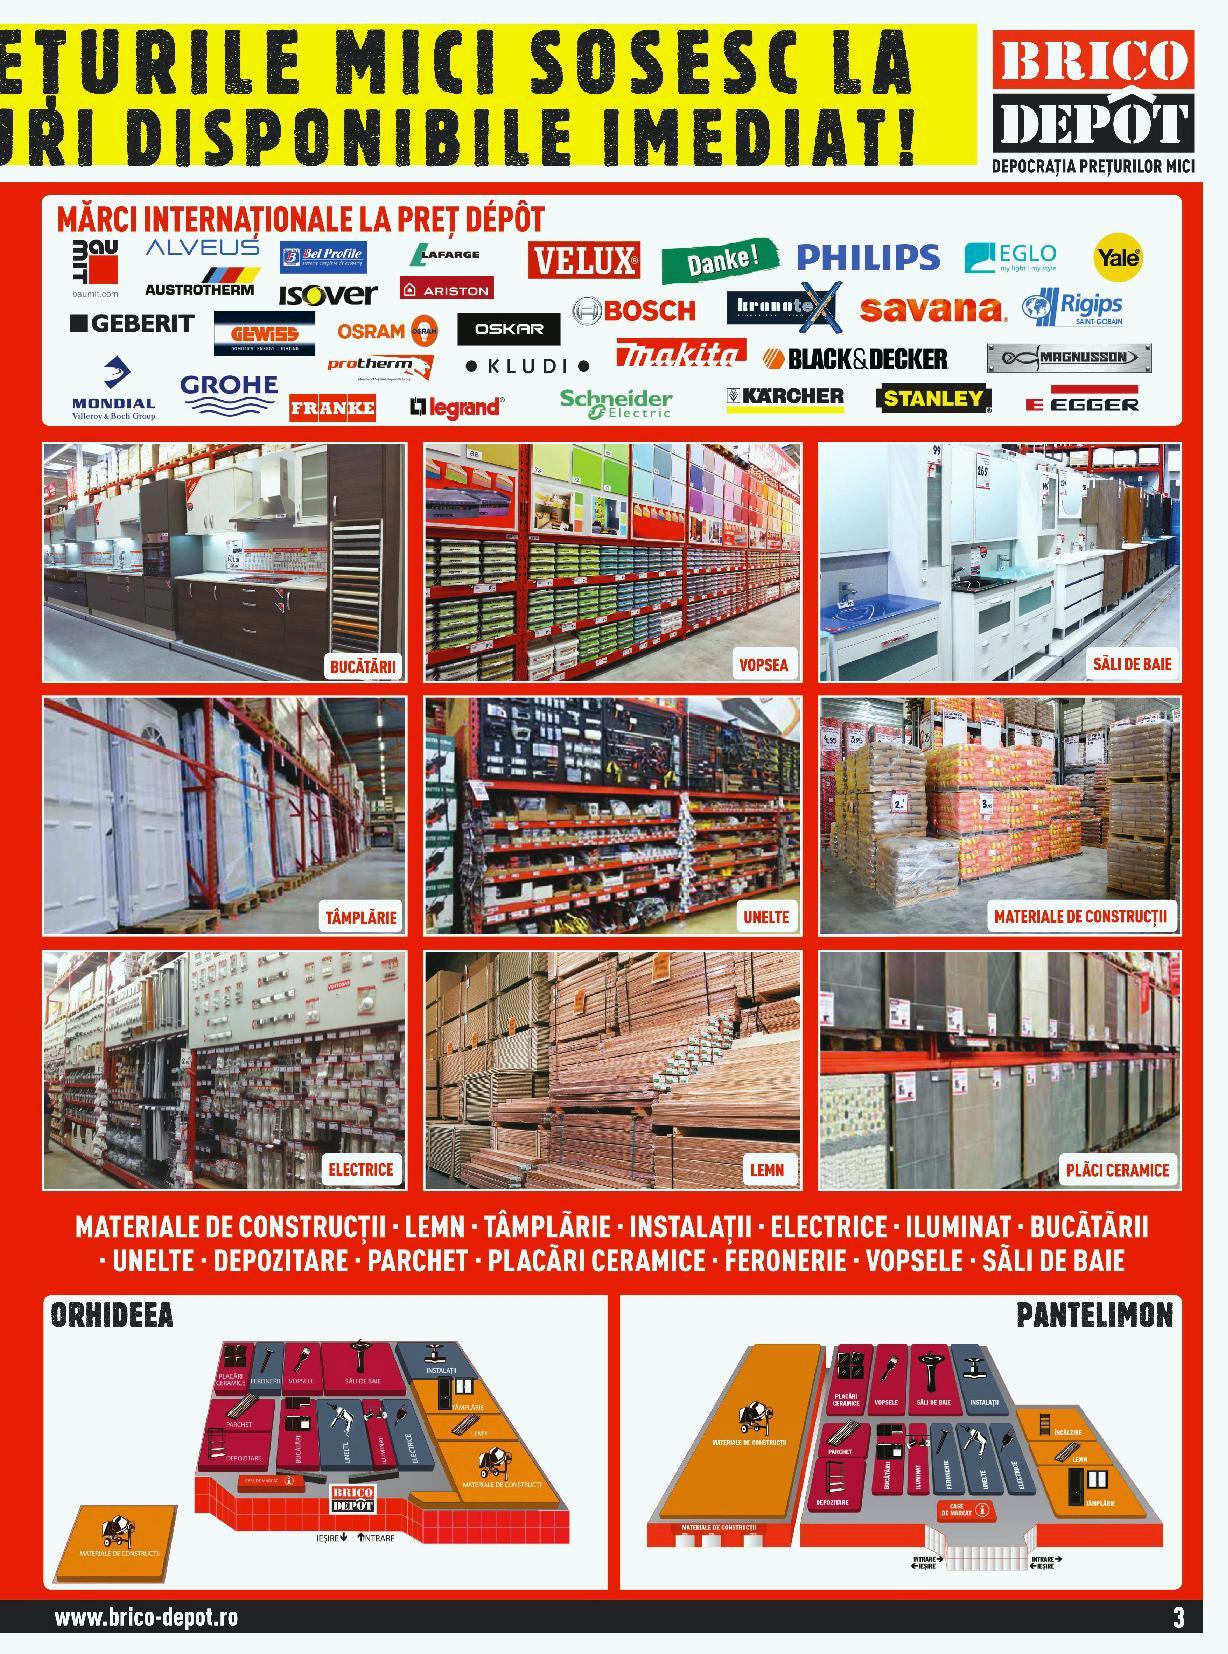 Horaire Brico Depot tours Inspirant Photos 50 Génial Image De tole Inox Brico Depot